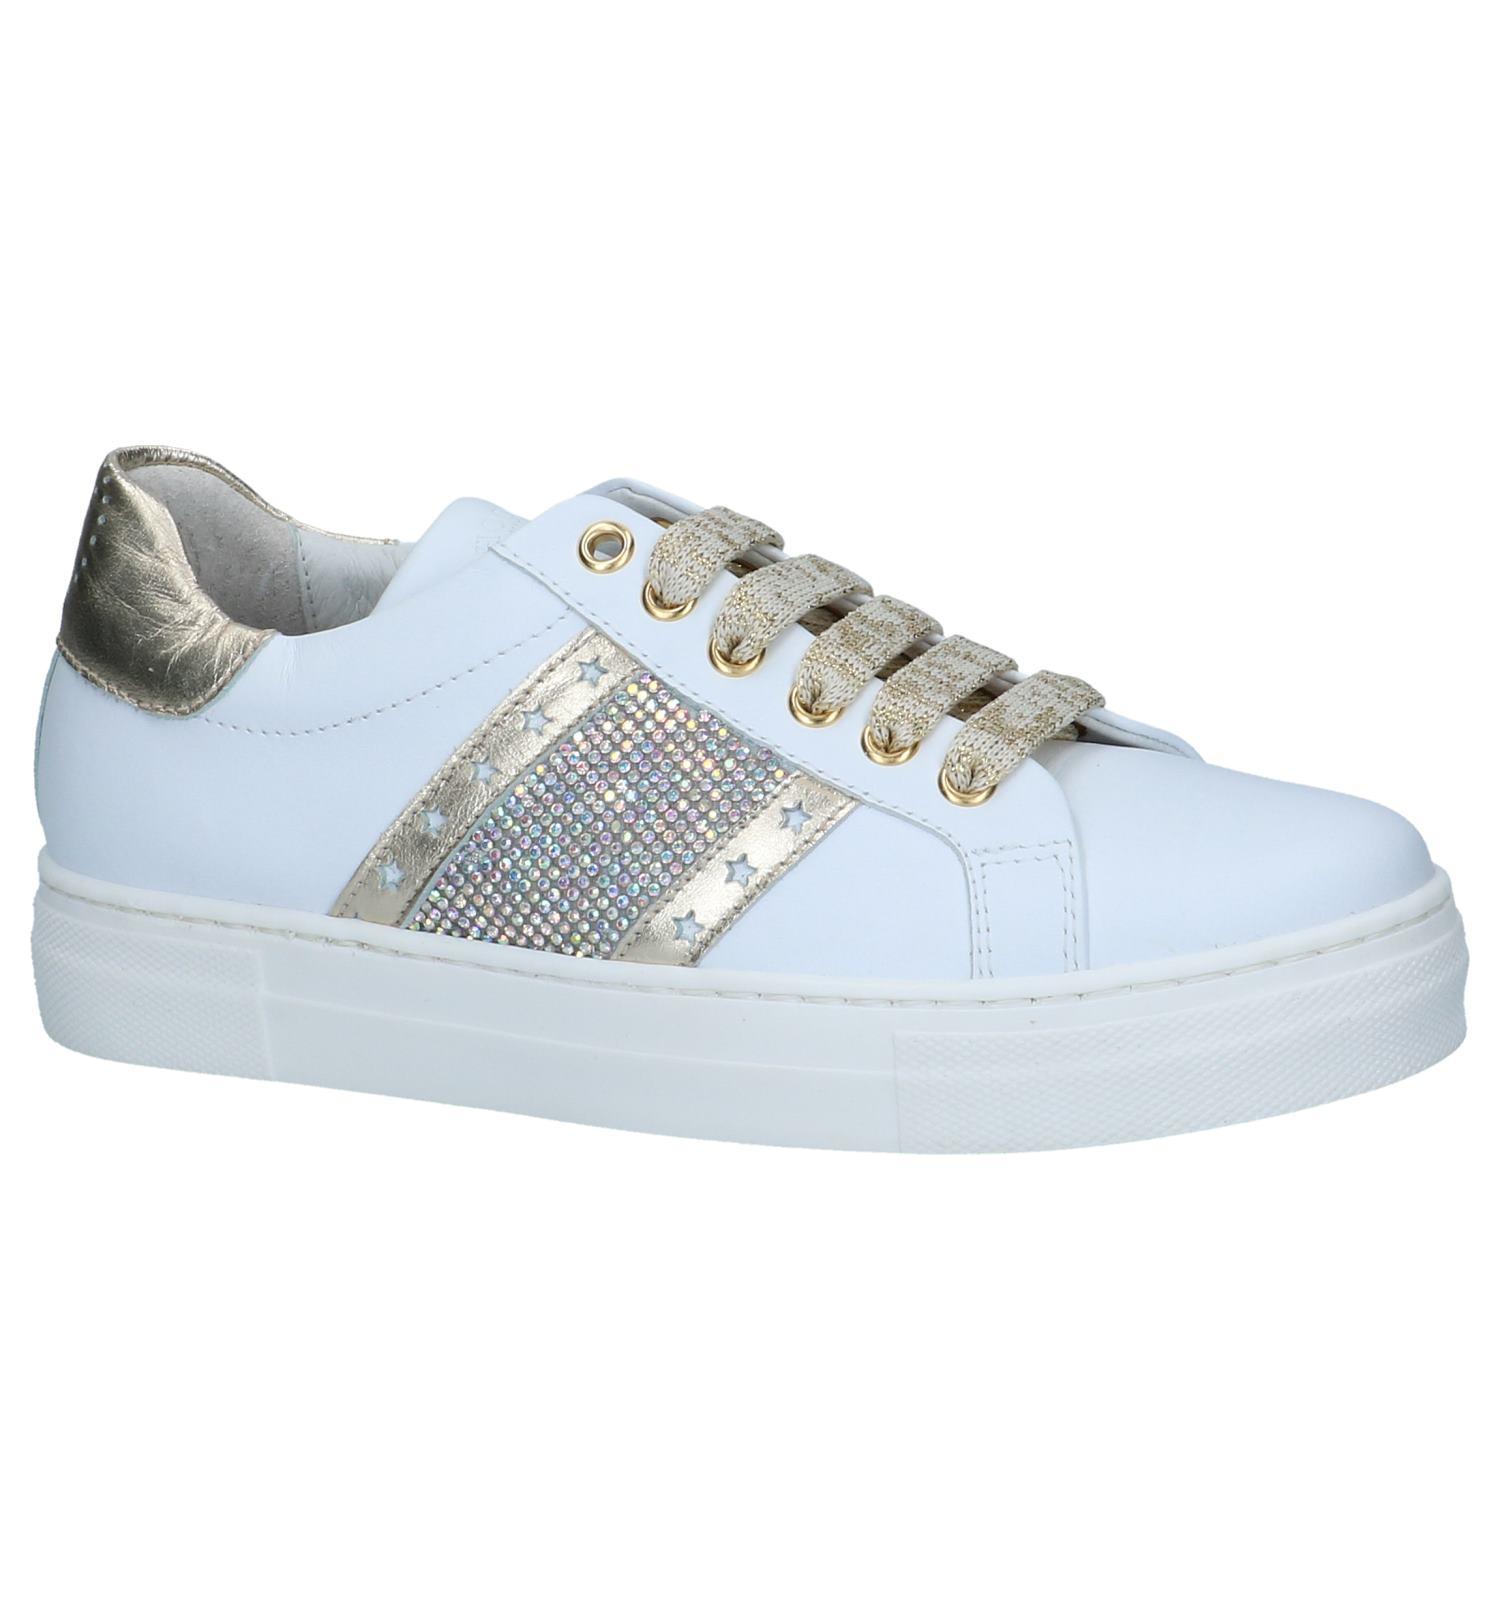 Witte Geklede Sneakers Hoops | SCHOENENTORFS.NL | Gratis verzend en retour